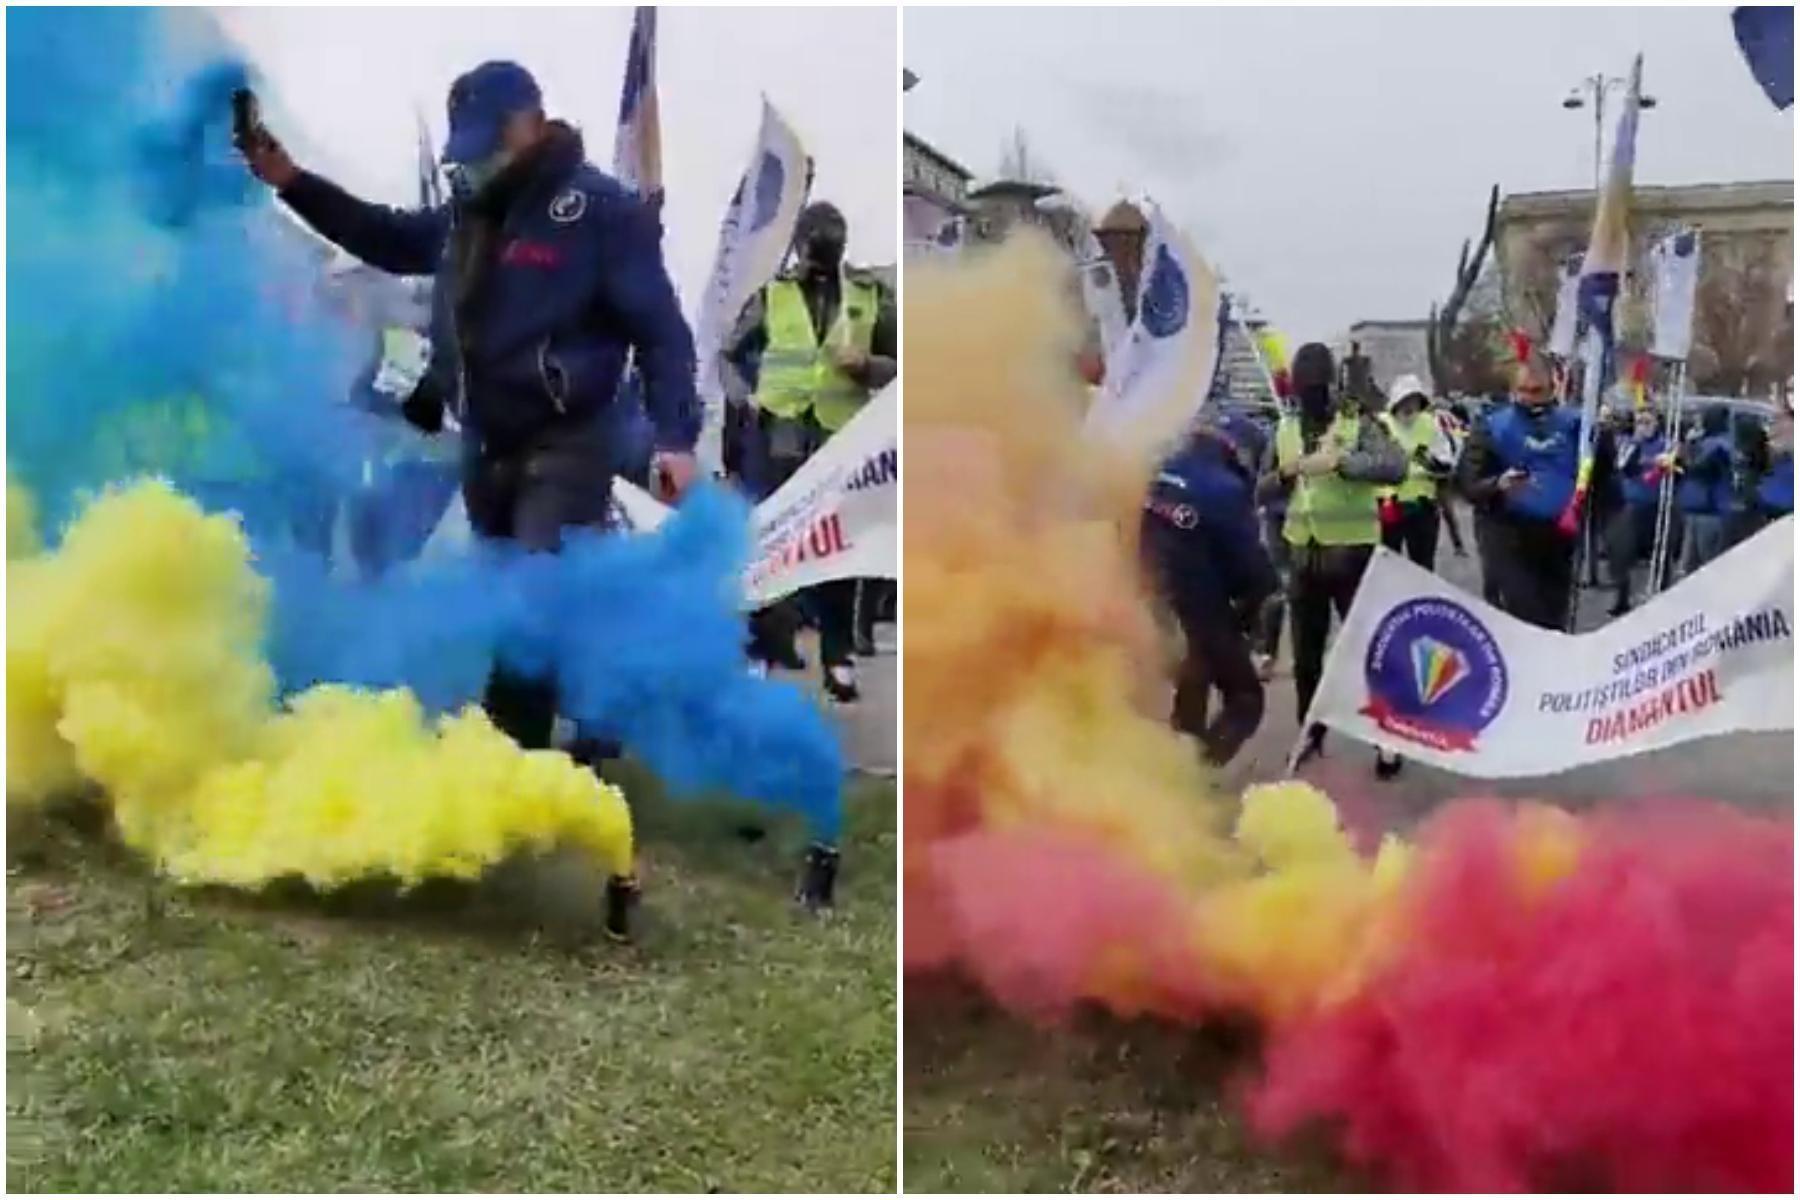 Protest cu fumigene la Ministerul de Interne. Poliţiştii cer demisia ministrului şi au cântat Imnul